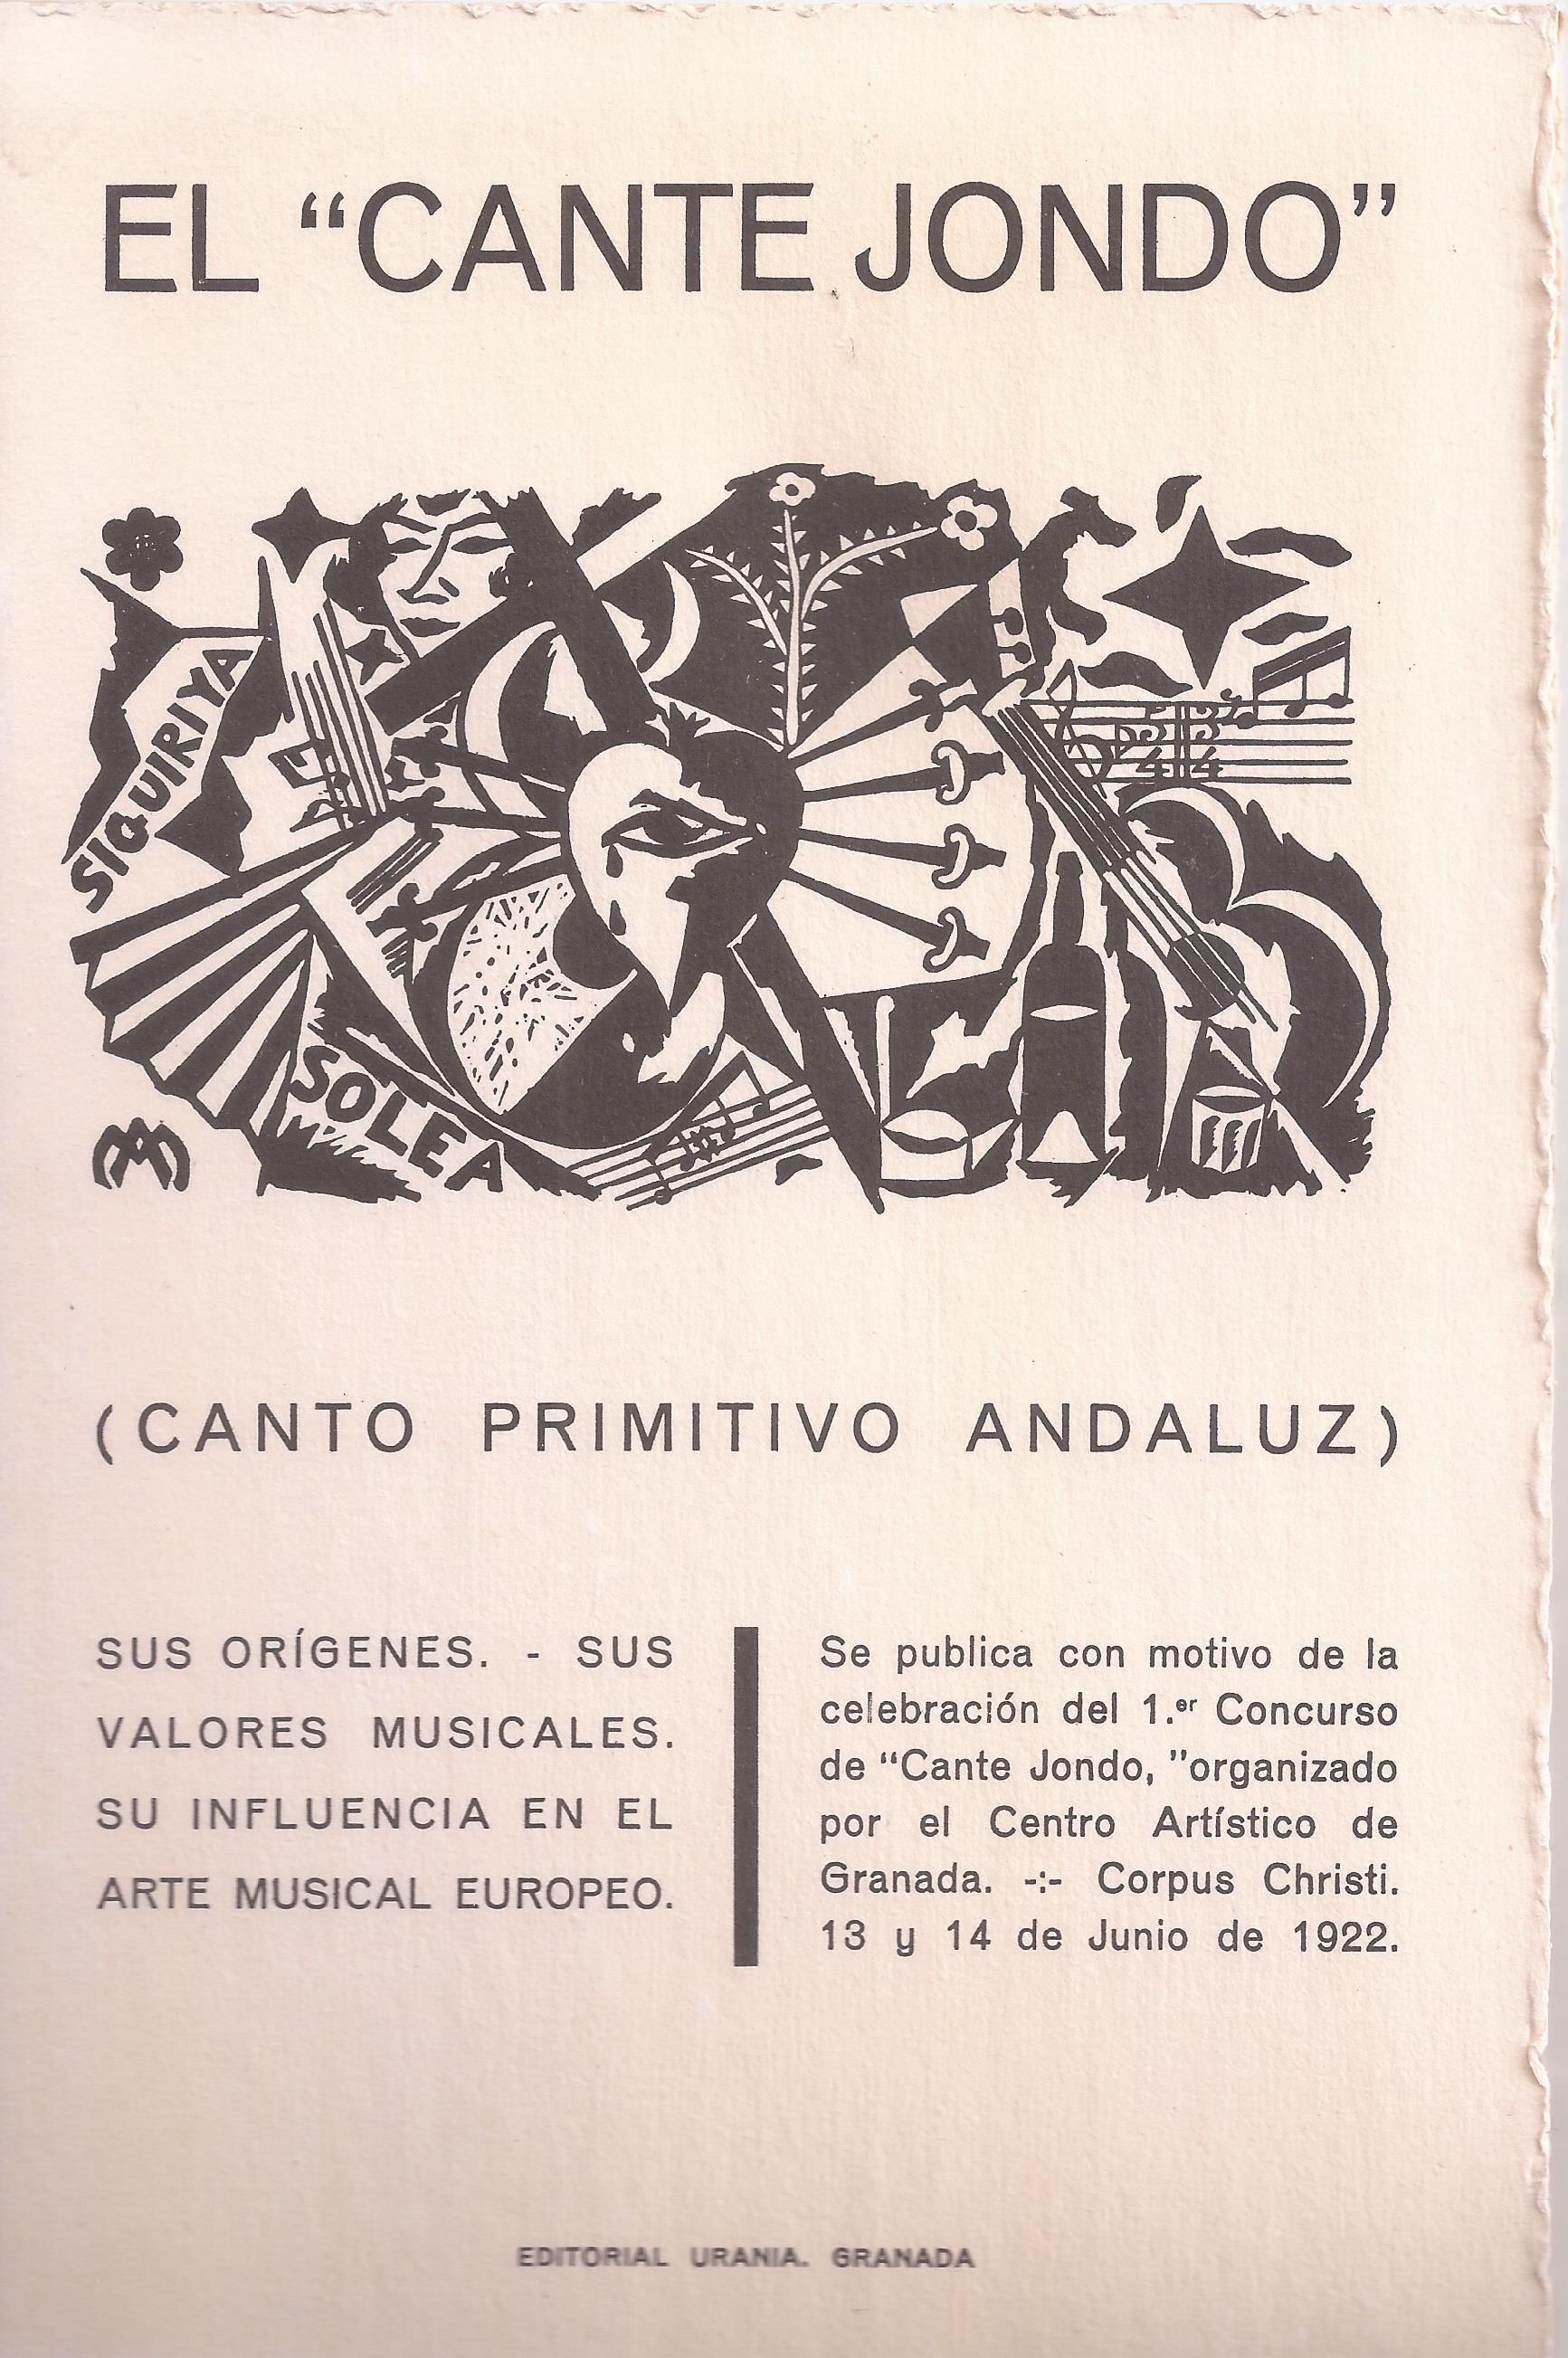 Portada de la conferencia de Manuel de Falla sobre el concurso de Cante Jondo.